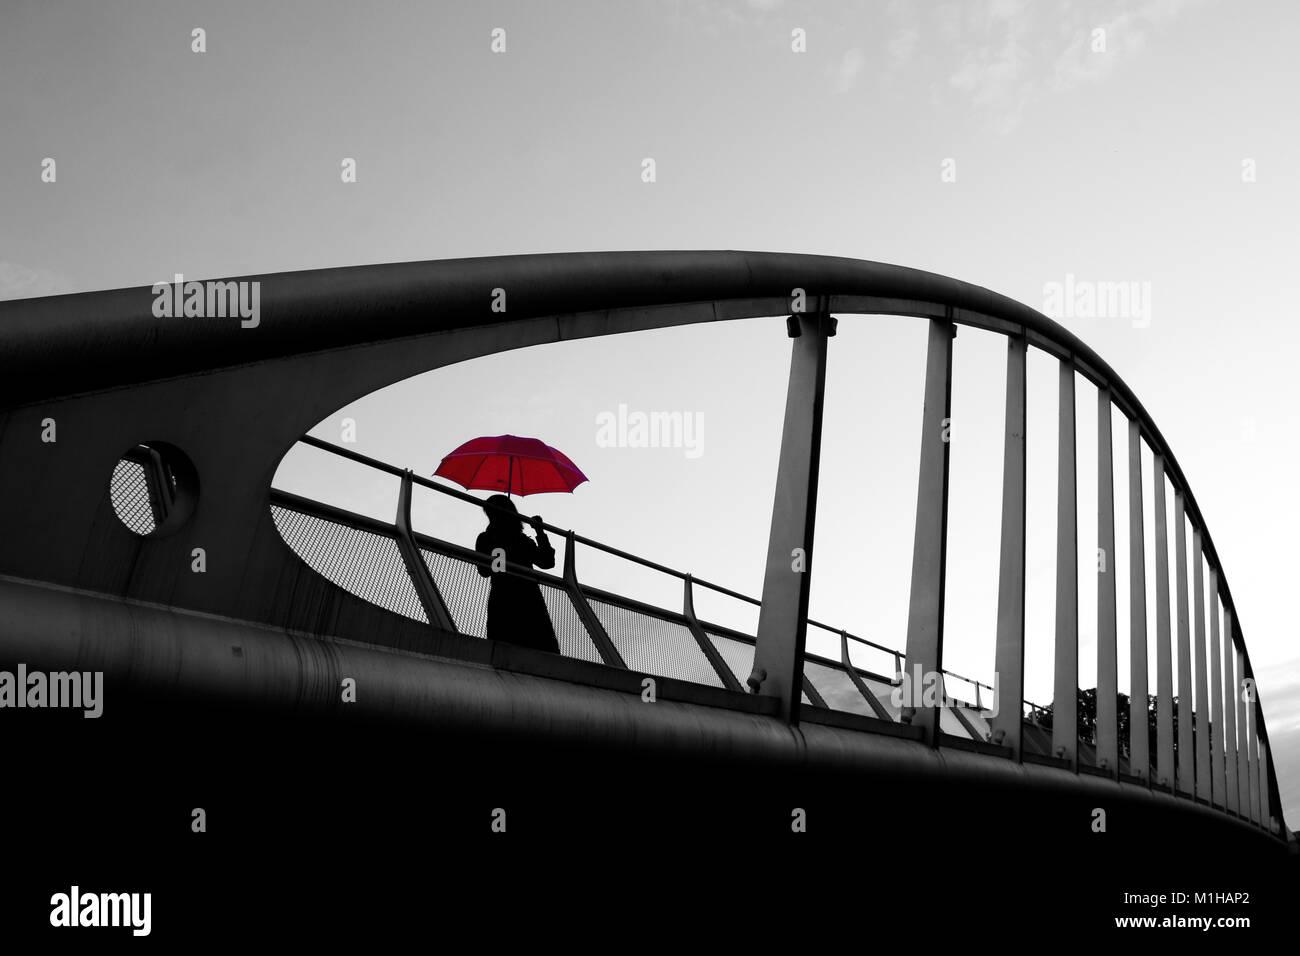 Ein künstliches Bild einer Frau auf einer Brücke mit einem roten Regenschirm während der regnerischen Tag. Der Schirm Stockfoto